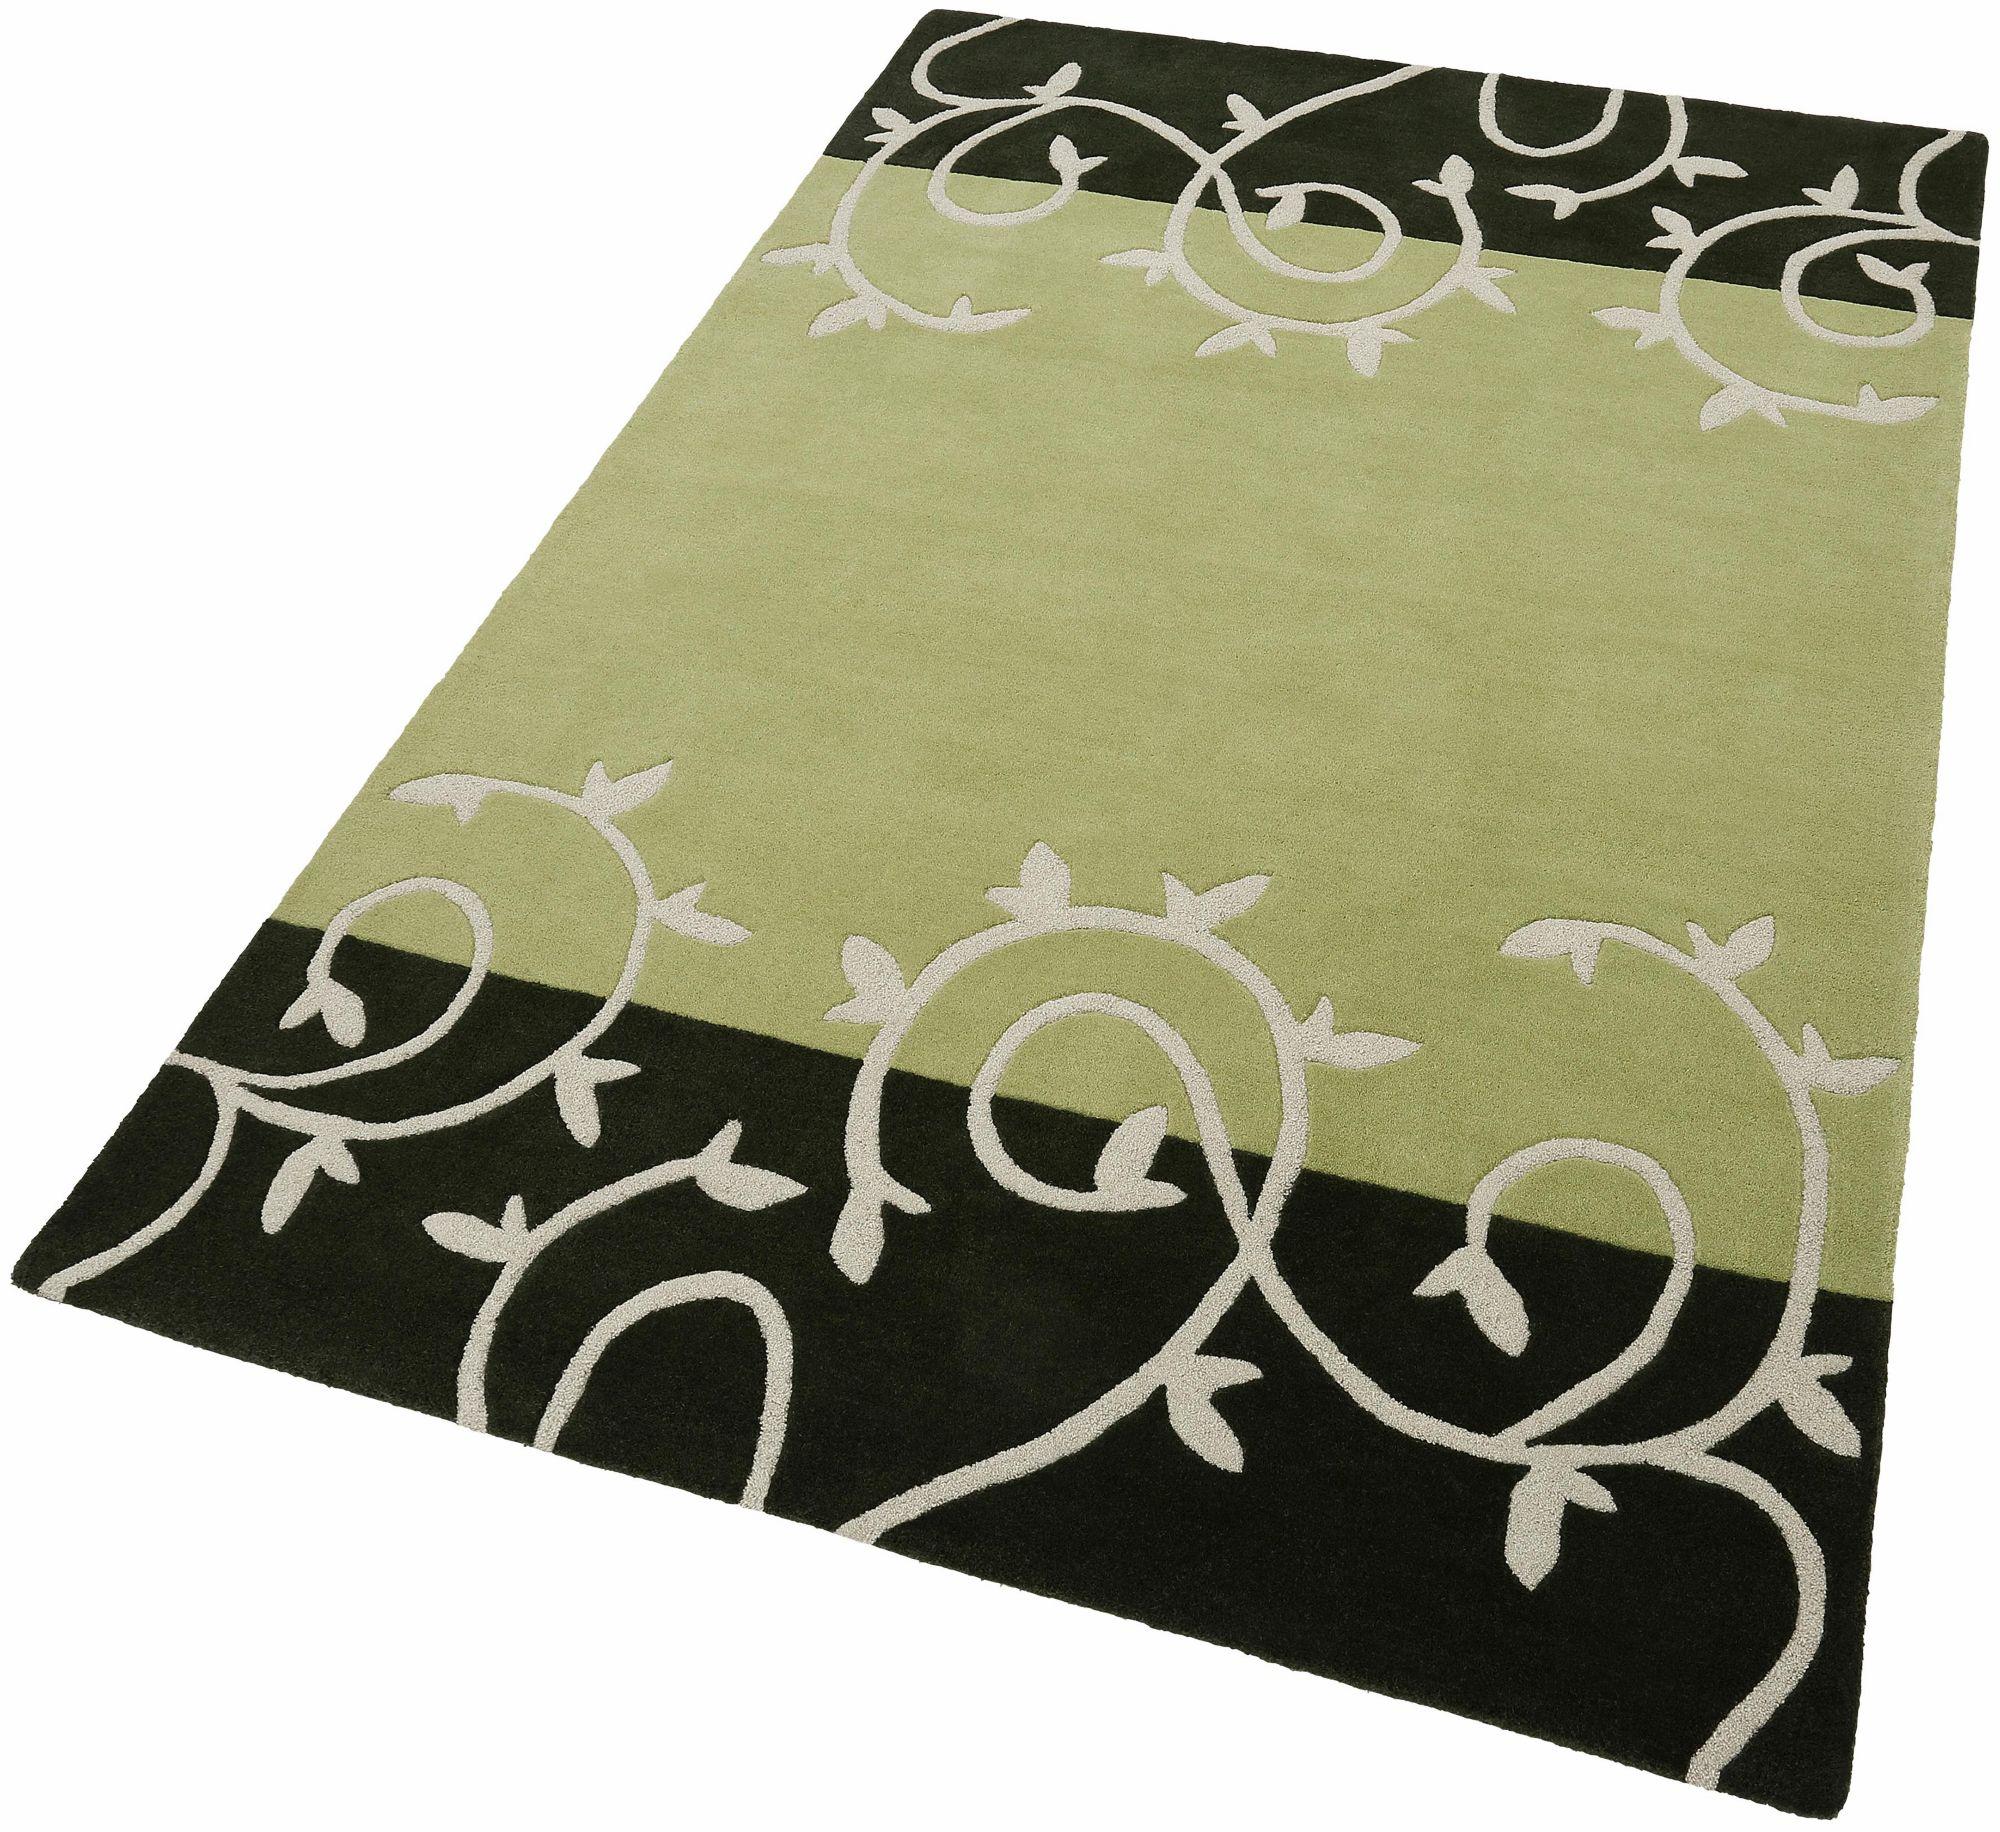 HOME AFFAIRE COLLECTION Teppich, Home Affaire Collection, »Parma«, Hoch-Tief-Effekt, handgetuftet, reine Schurwolle